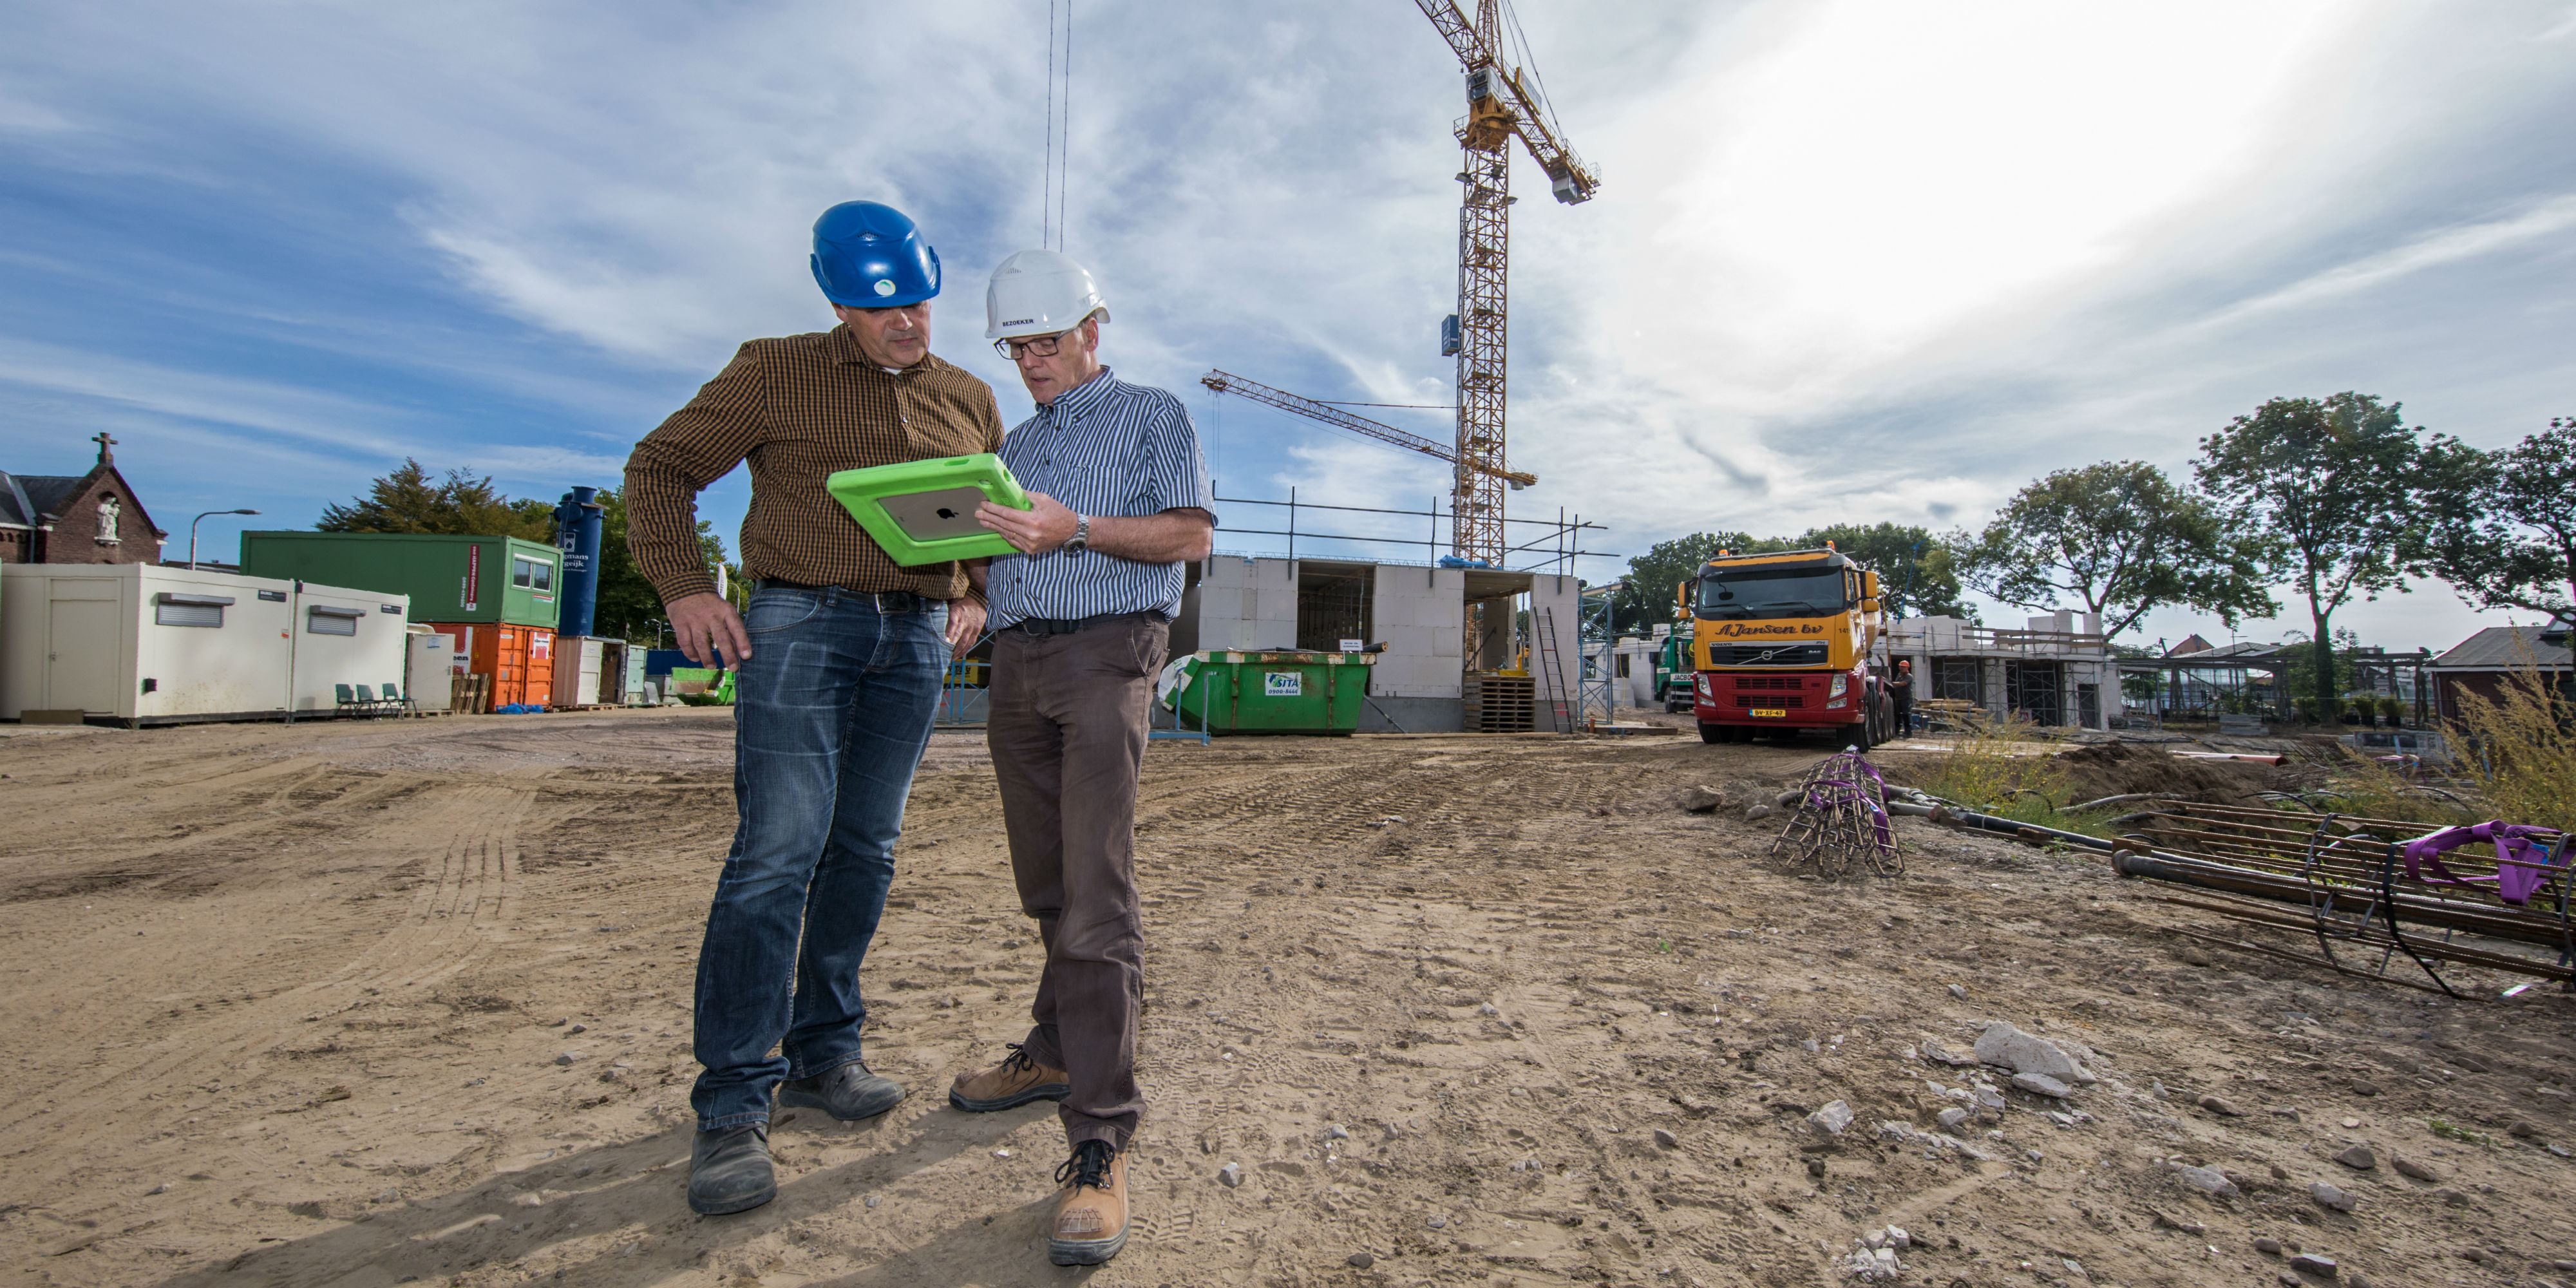 Meer mannen met een tablet van de ven bouw en ontwikkeling van de ven bouw - Ontwikkeling rond een zwembad ...